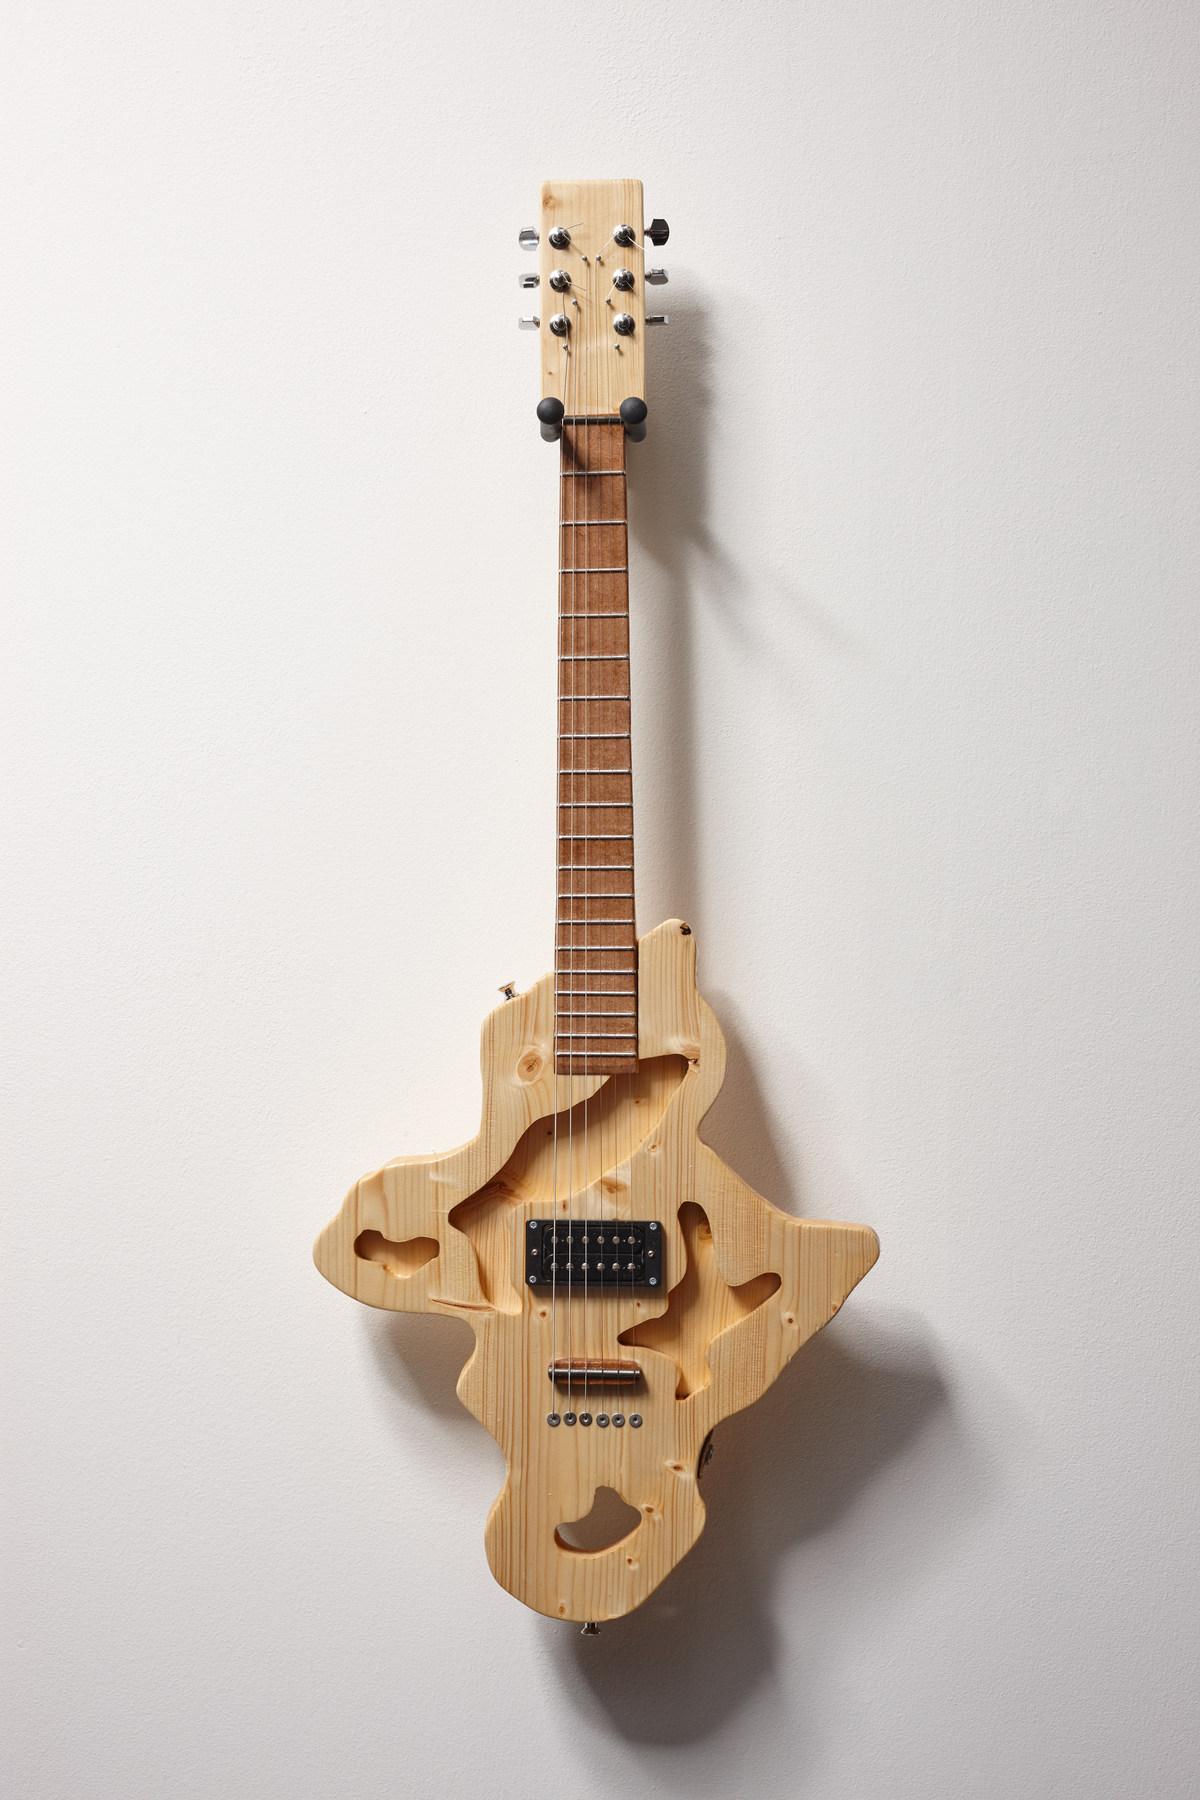 Flavio Merlo - Guitar VIII, 2015